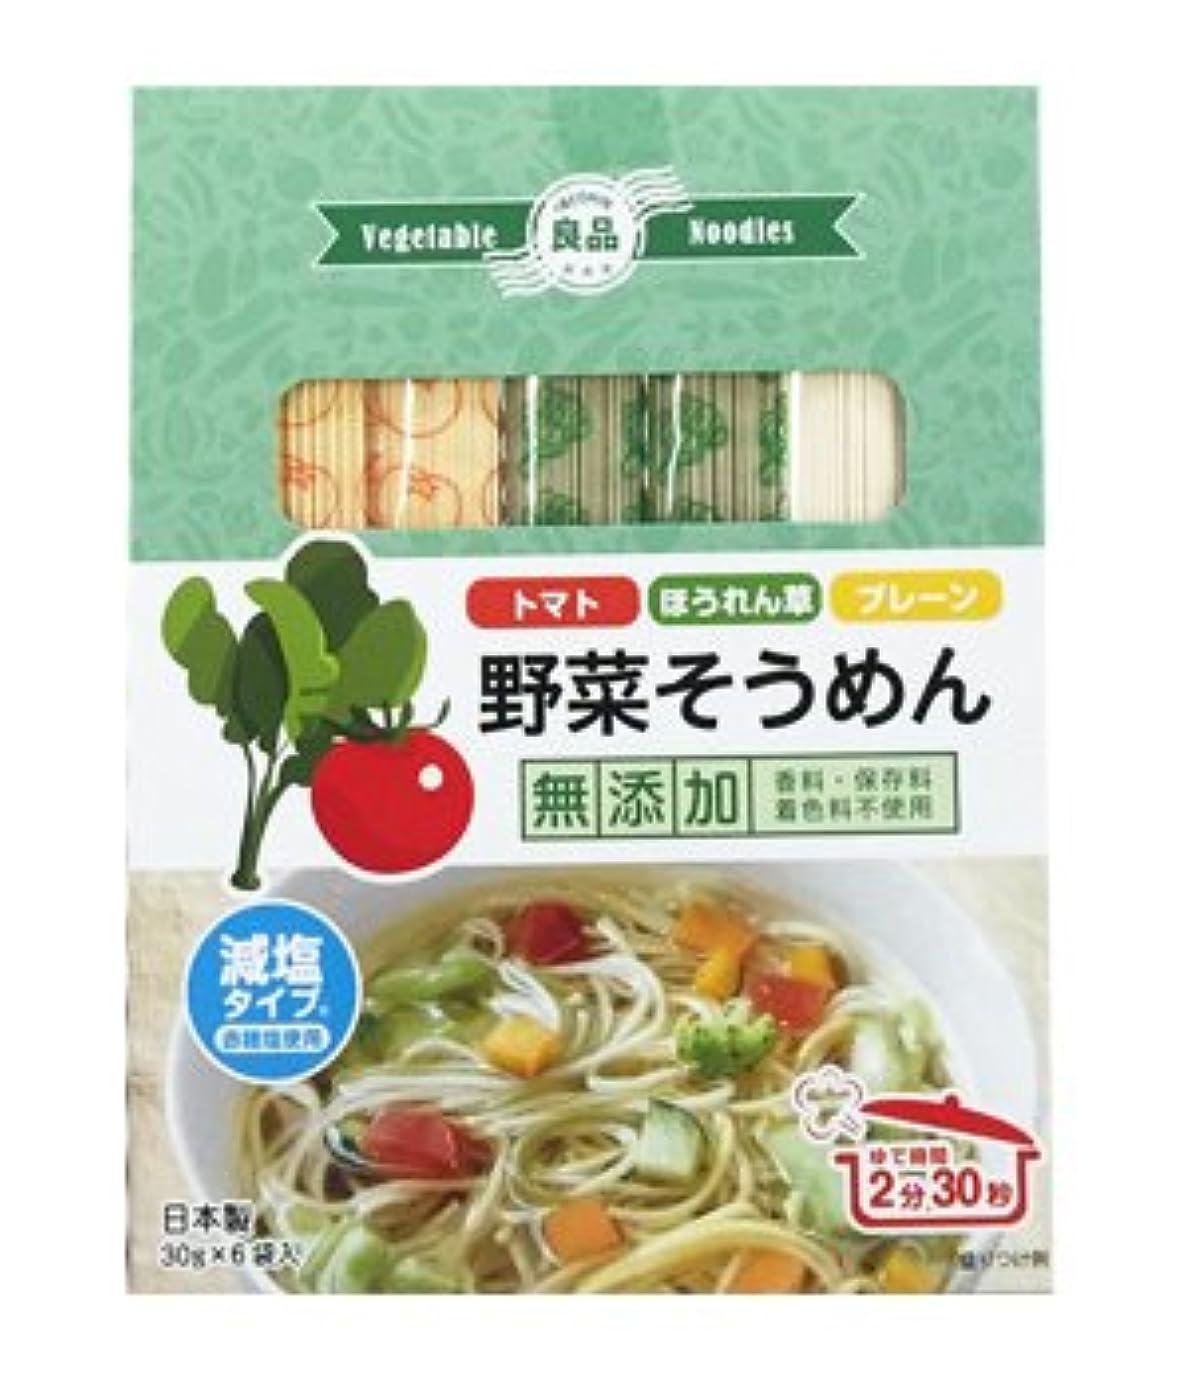 南アメリカカッター突然良品 野菜そうめん(トマト?ほうれん草?プレーン) 30g×6袋入